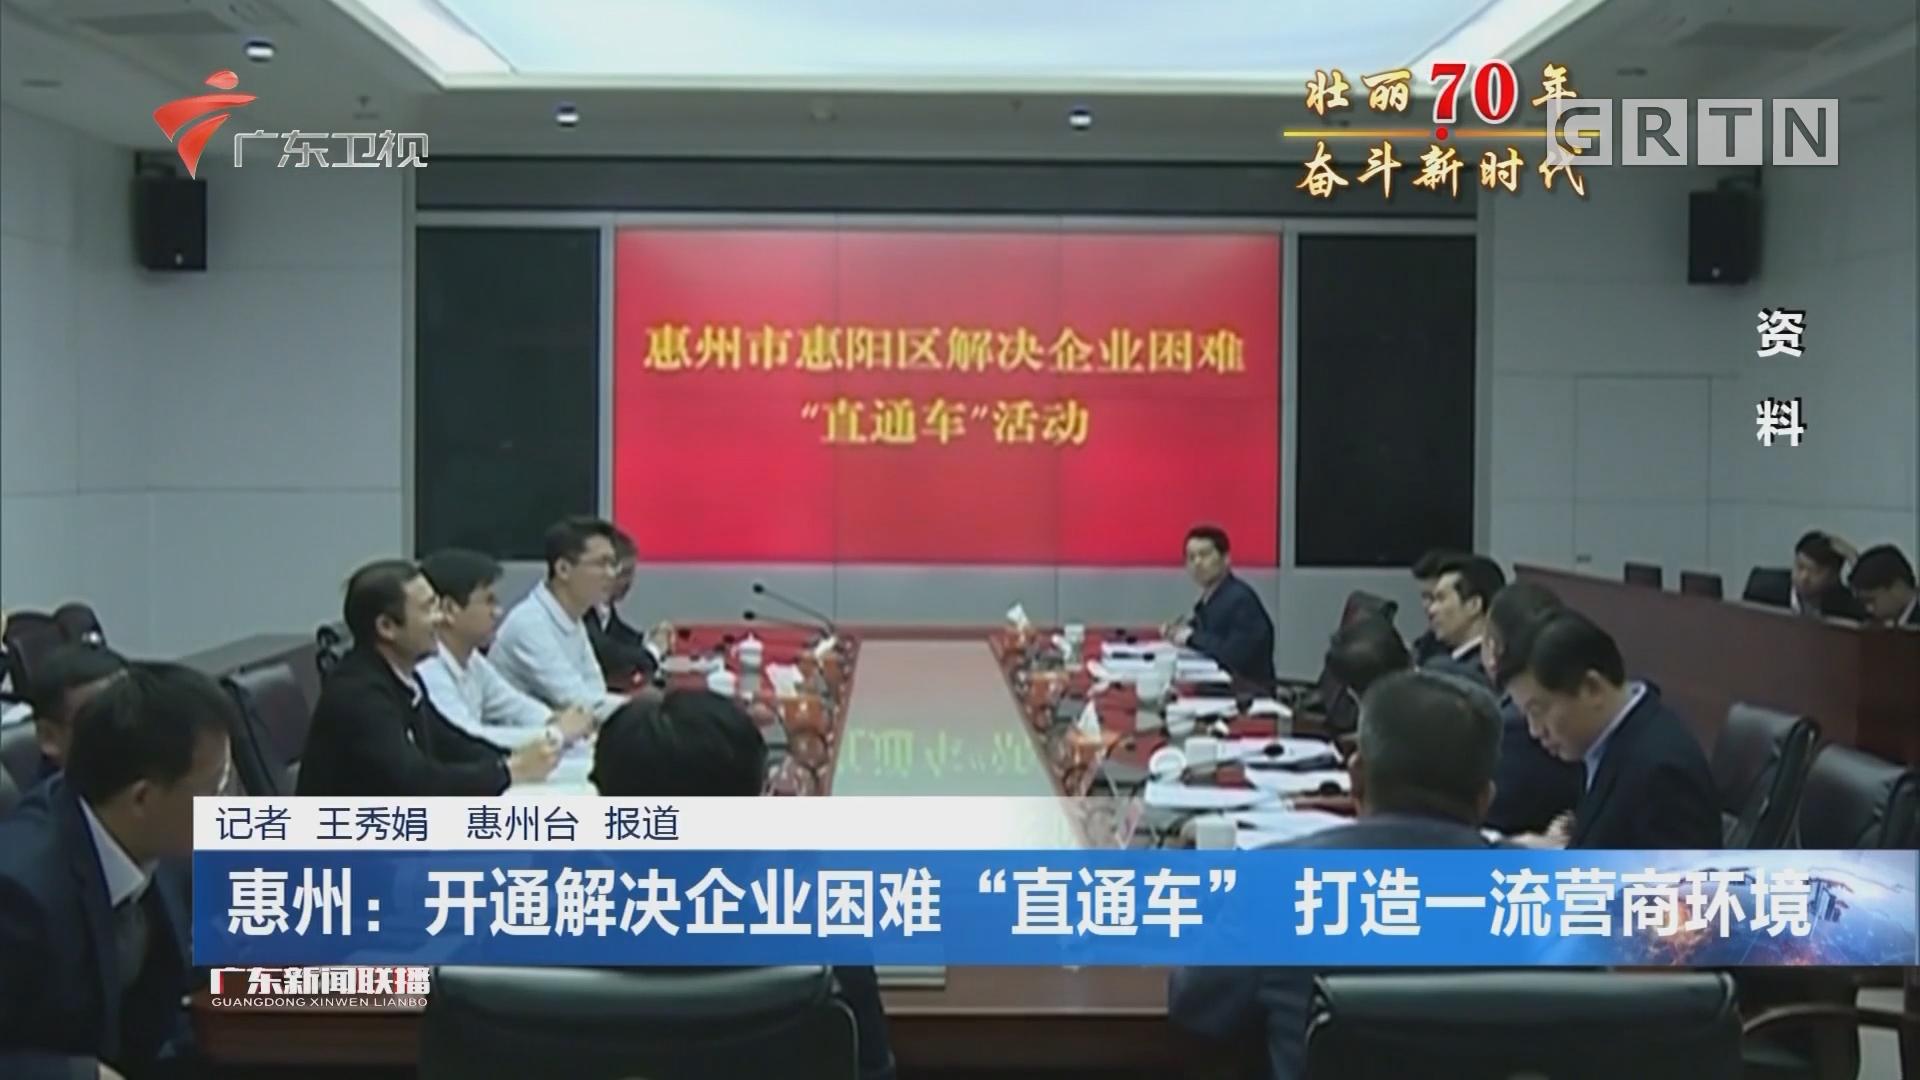 """惠州:开通解决企业困难""""直通车"""" 打造一流营商环境"""